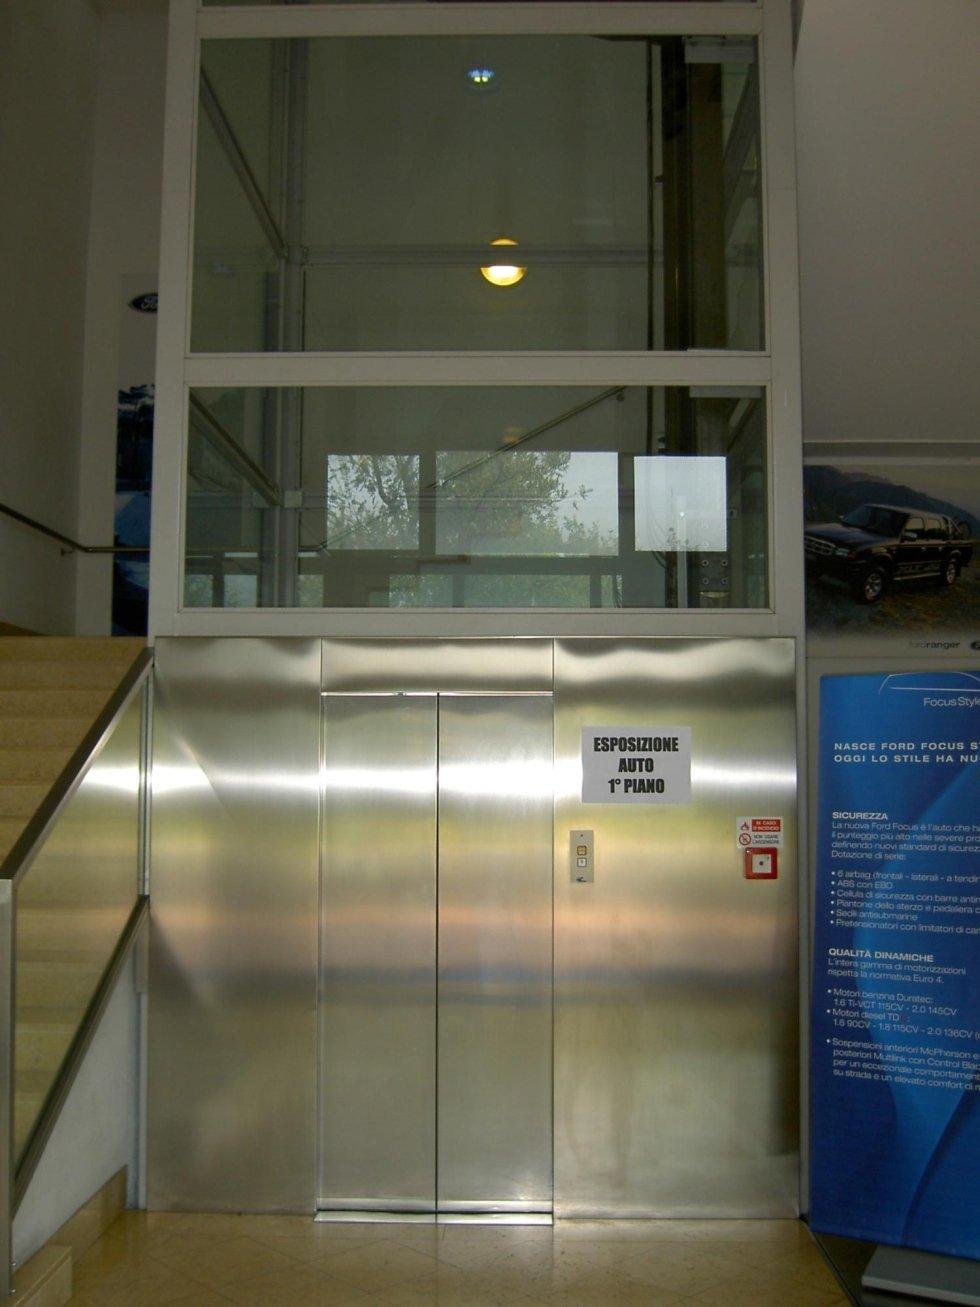 ascensore in inox con sopra cartello bianco